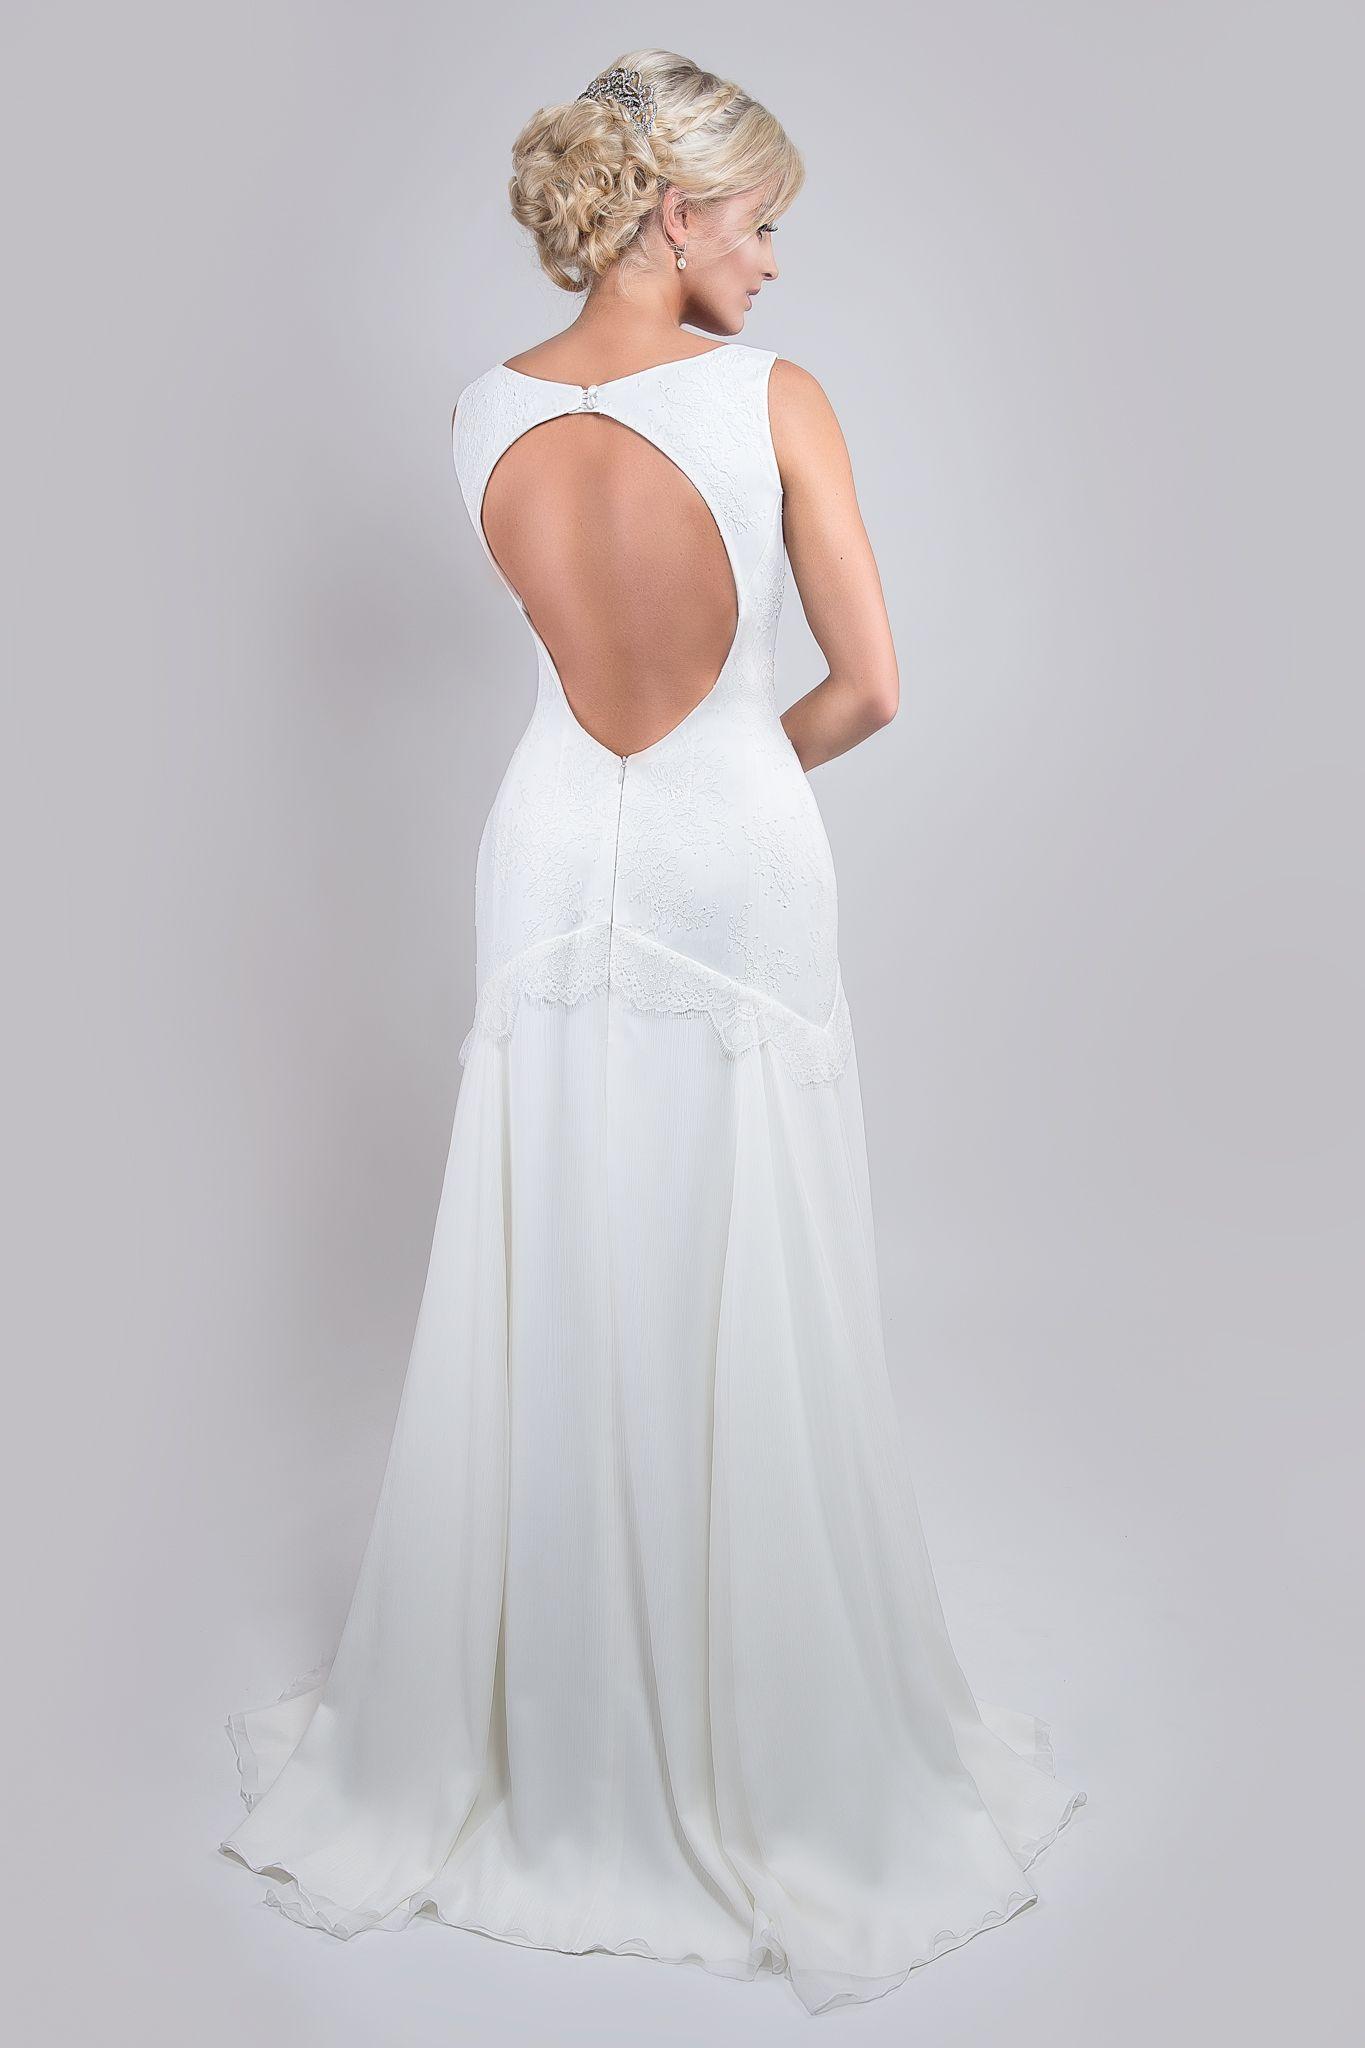 Calypso Haute Couture Brautkleid Vivien 2015 Ein Vintagemodell mit ...